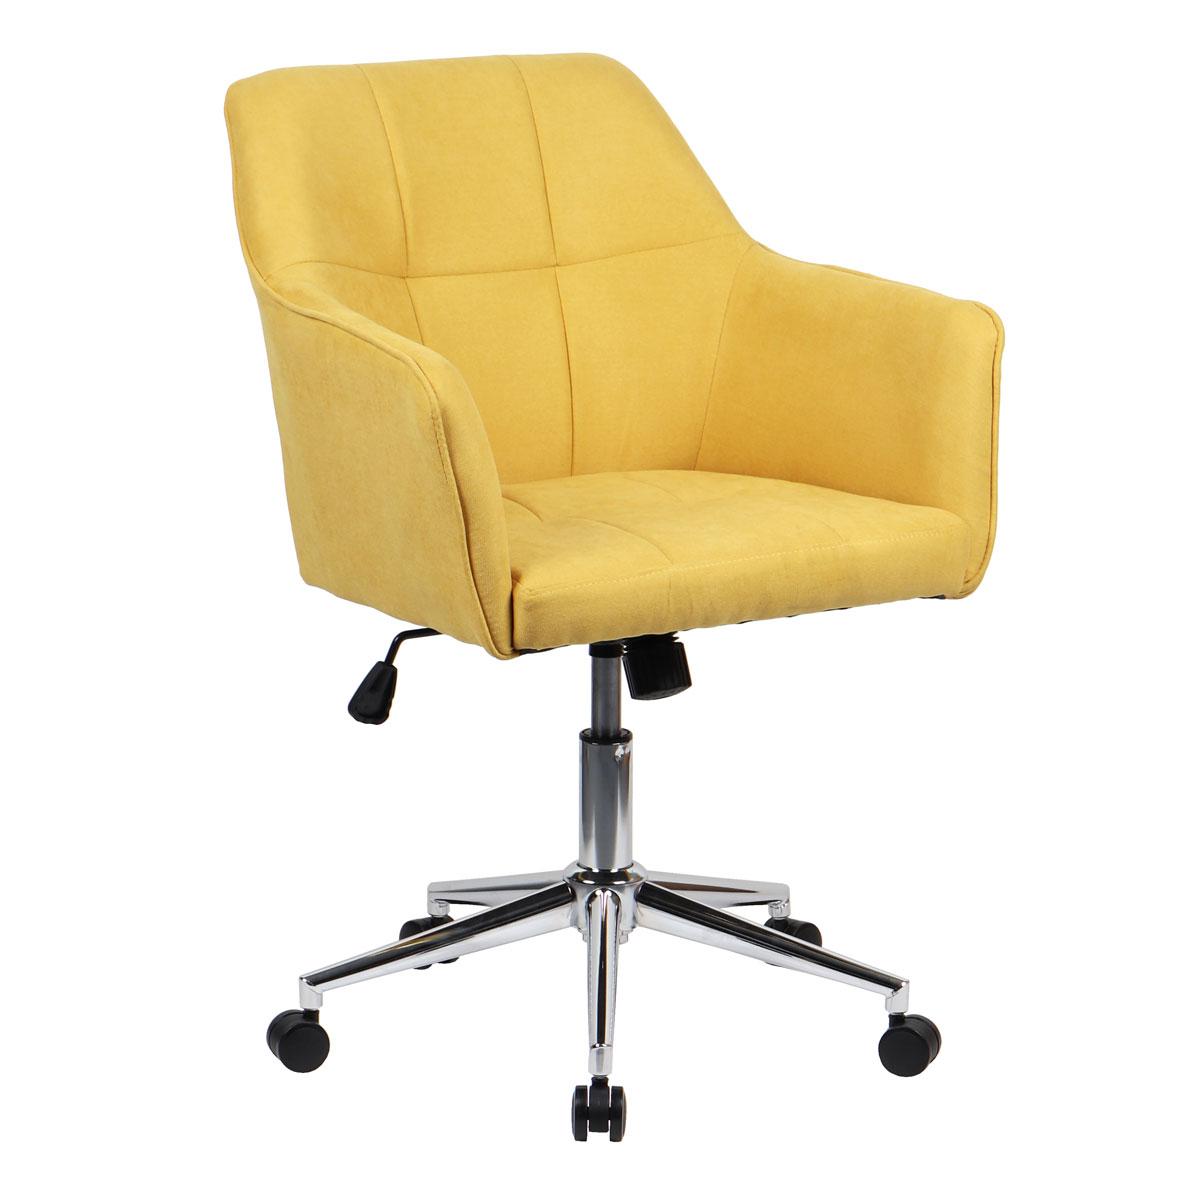 90363 SVITA JAKE Schreibtischstuhl mit Armlehnen Höhenverstellbar Drehstuhl mit Rollen Stoff-Bezug Gelb